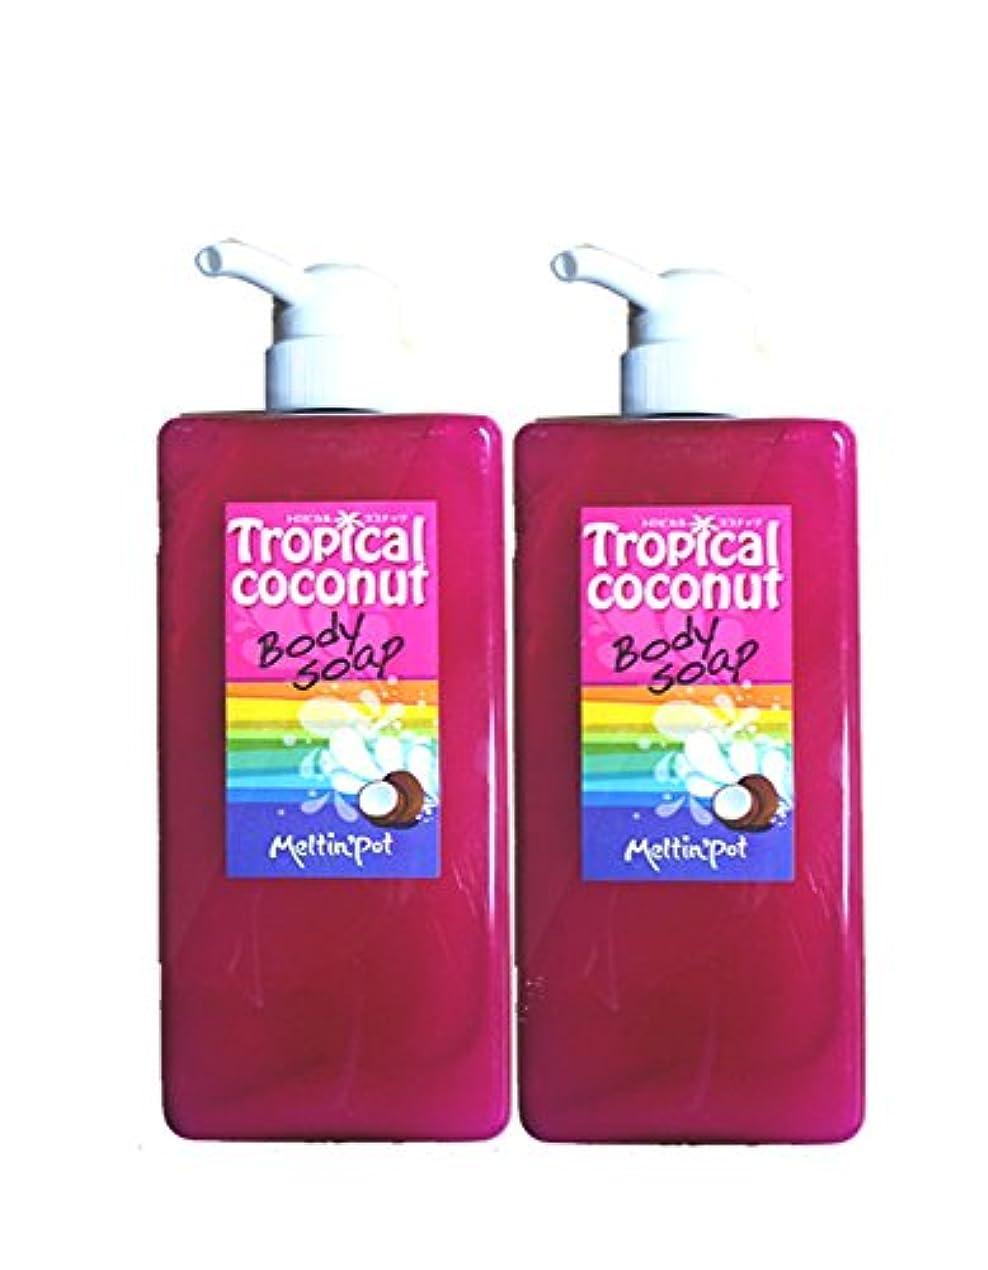 のスコア変成器発火するトロピカルココナッツ ボディソープ 600ml*2セット Tropical coconut Body Soap 加齢臭に!